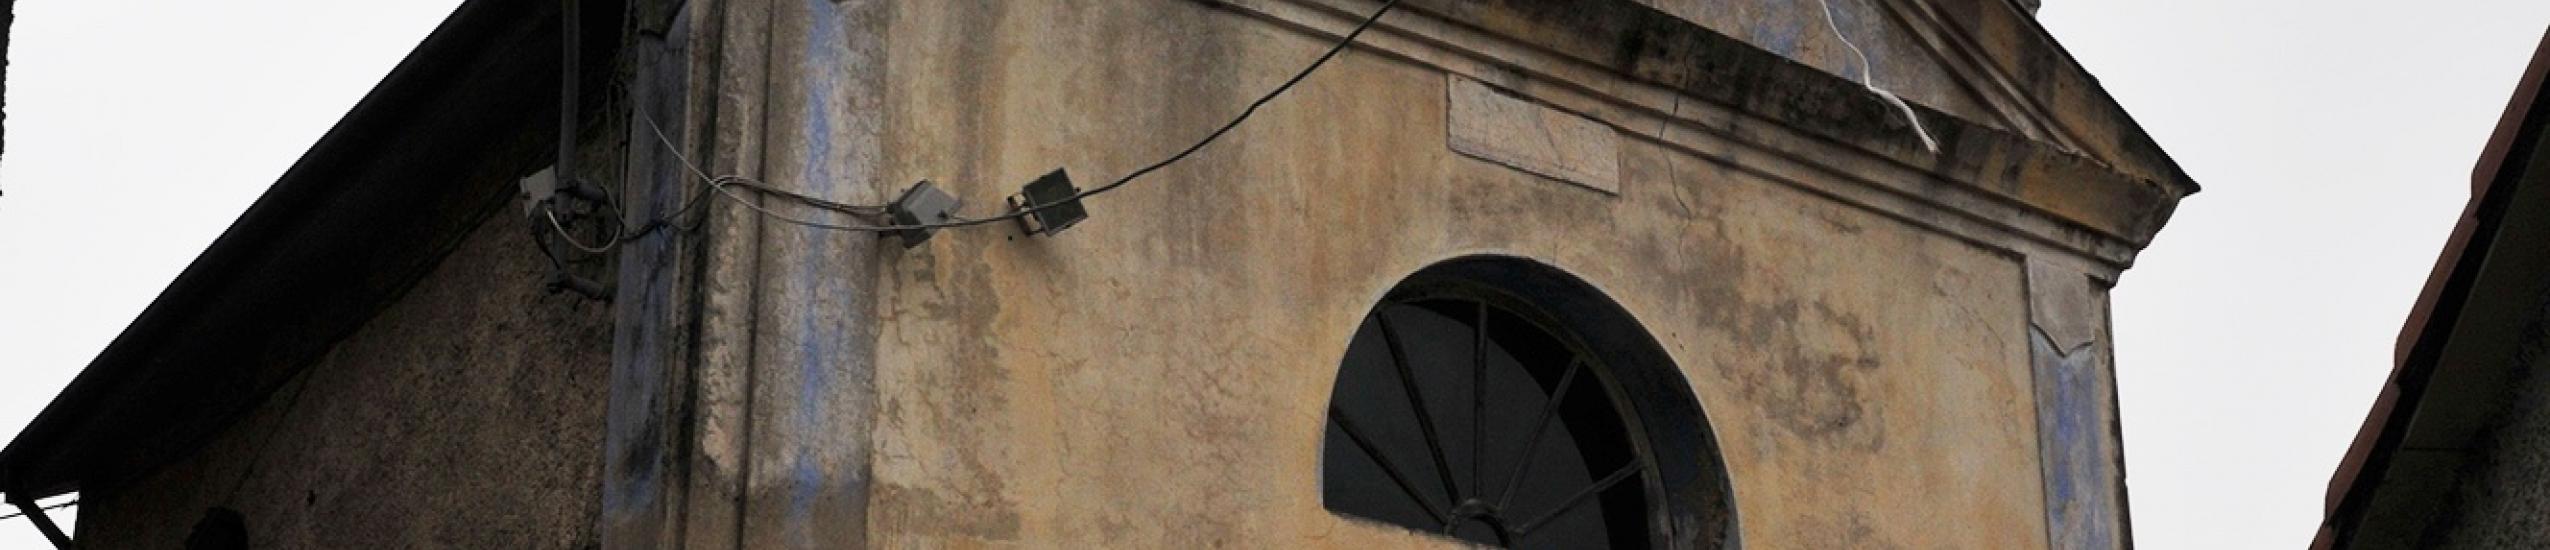 Chiesa di San Vincenzo  (0)